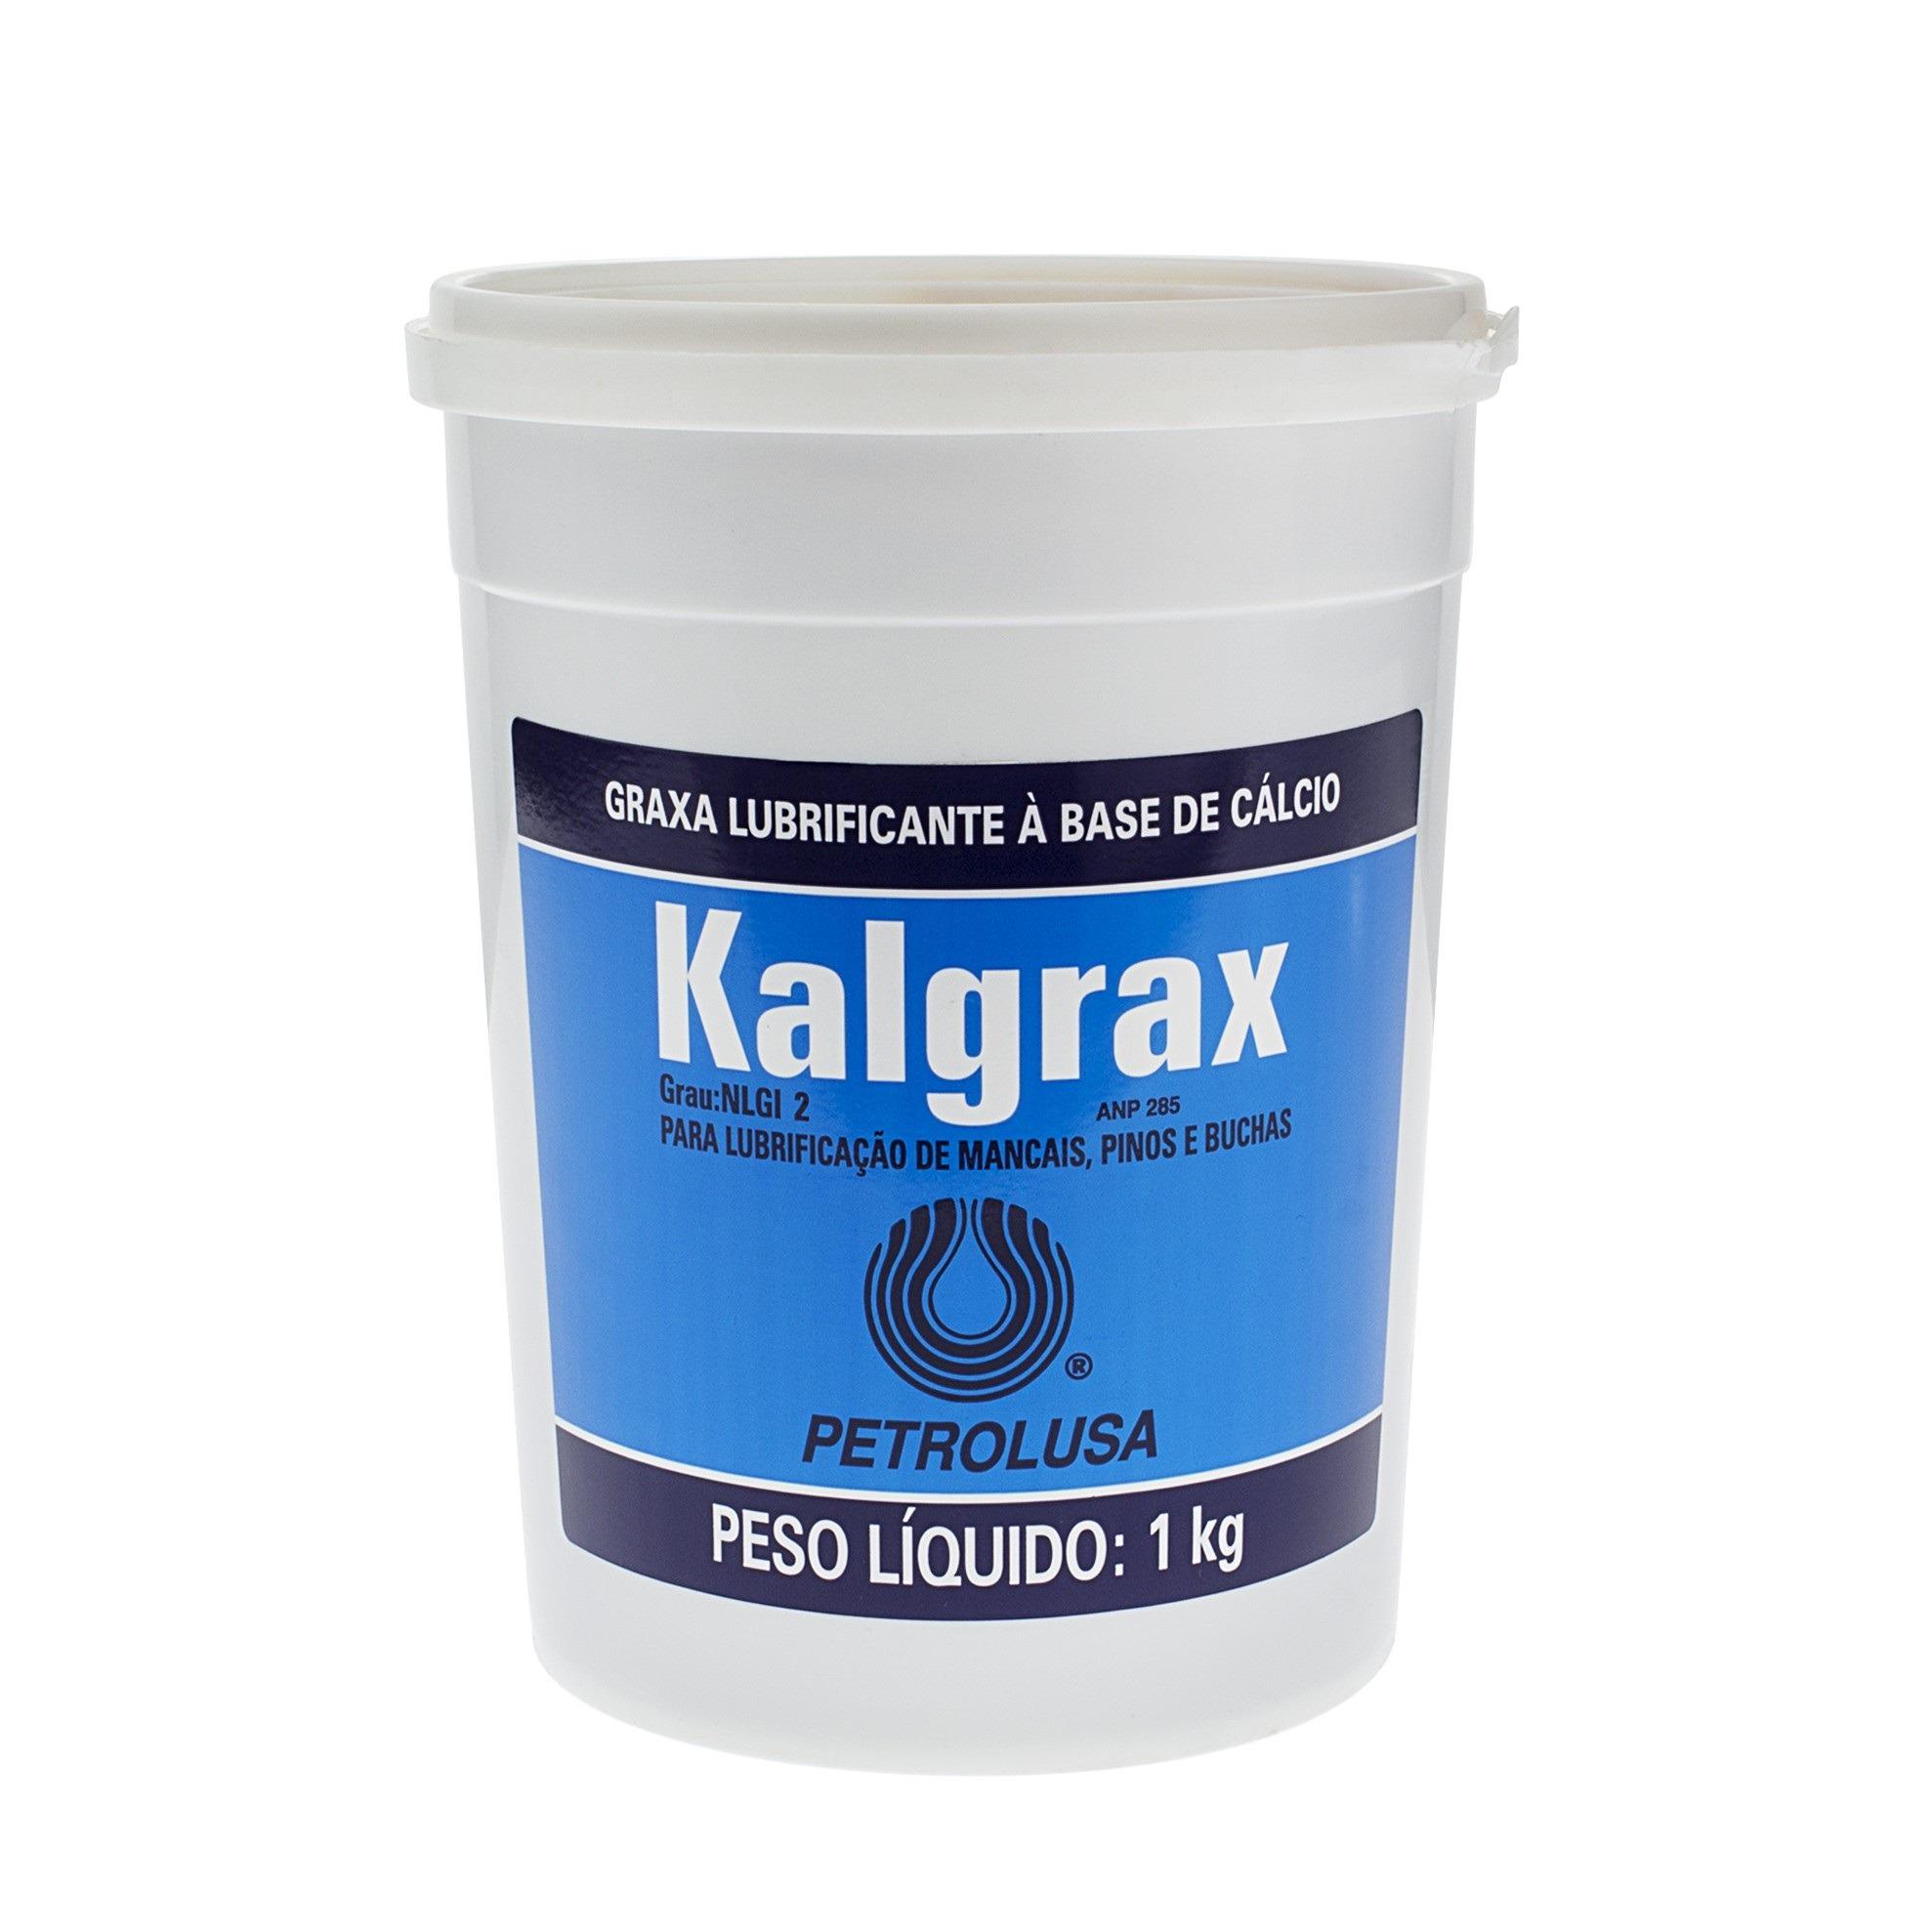 Graxa de Calcio Kalgrax 1 kg - Petrolusa